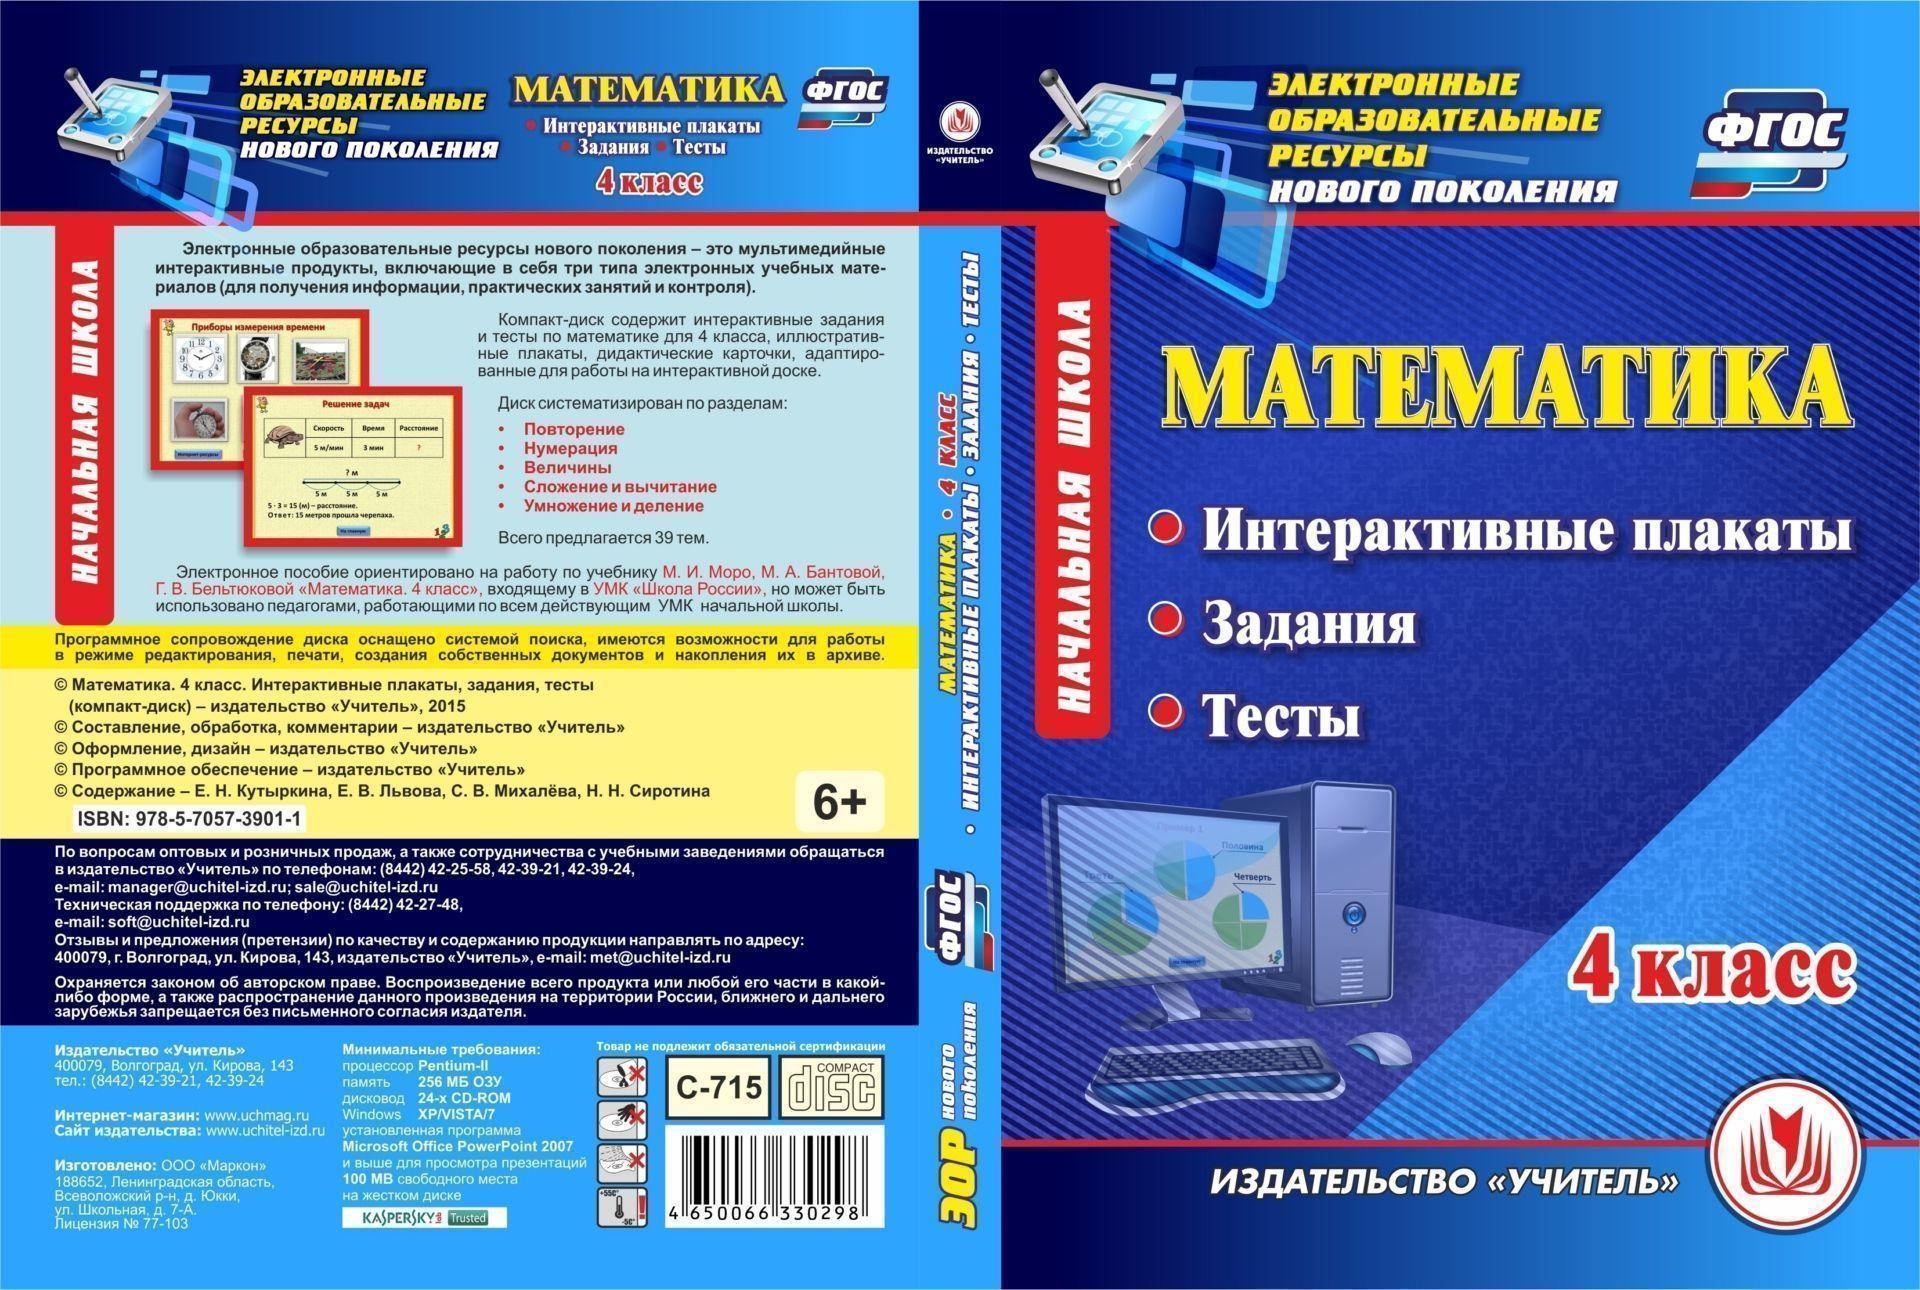 Математика. 4 класс. Интерактивные плакаты, задания, тесты. Компакт-диск для компьютераПредметы<br>Электронные образовательные ресурсы нового поколения - это мультимедийные интерактивные продукты, включающие в себя три типа электронных учебных материалов (для получения информации, практических занятий и контроля).Компакт-диск Математика. 4 класс. Инте...<br><br>Авторы: Михалёва С. В., Львова Е. В., Кутыркина Е.Н., Сиротина Н.Н.<br>Год: 2015<br>Серия: Электронные образовательные ресурсы нового поколения<br>Высота: 190<br>Ширина: 135<br>Толщина: 12